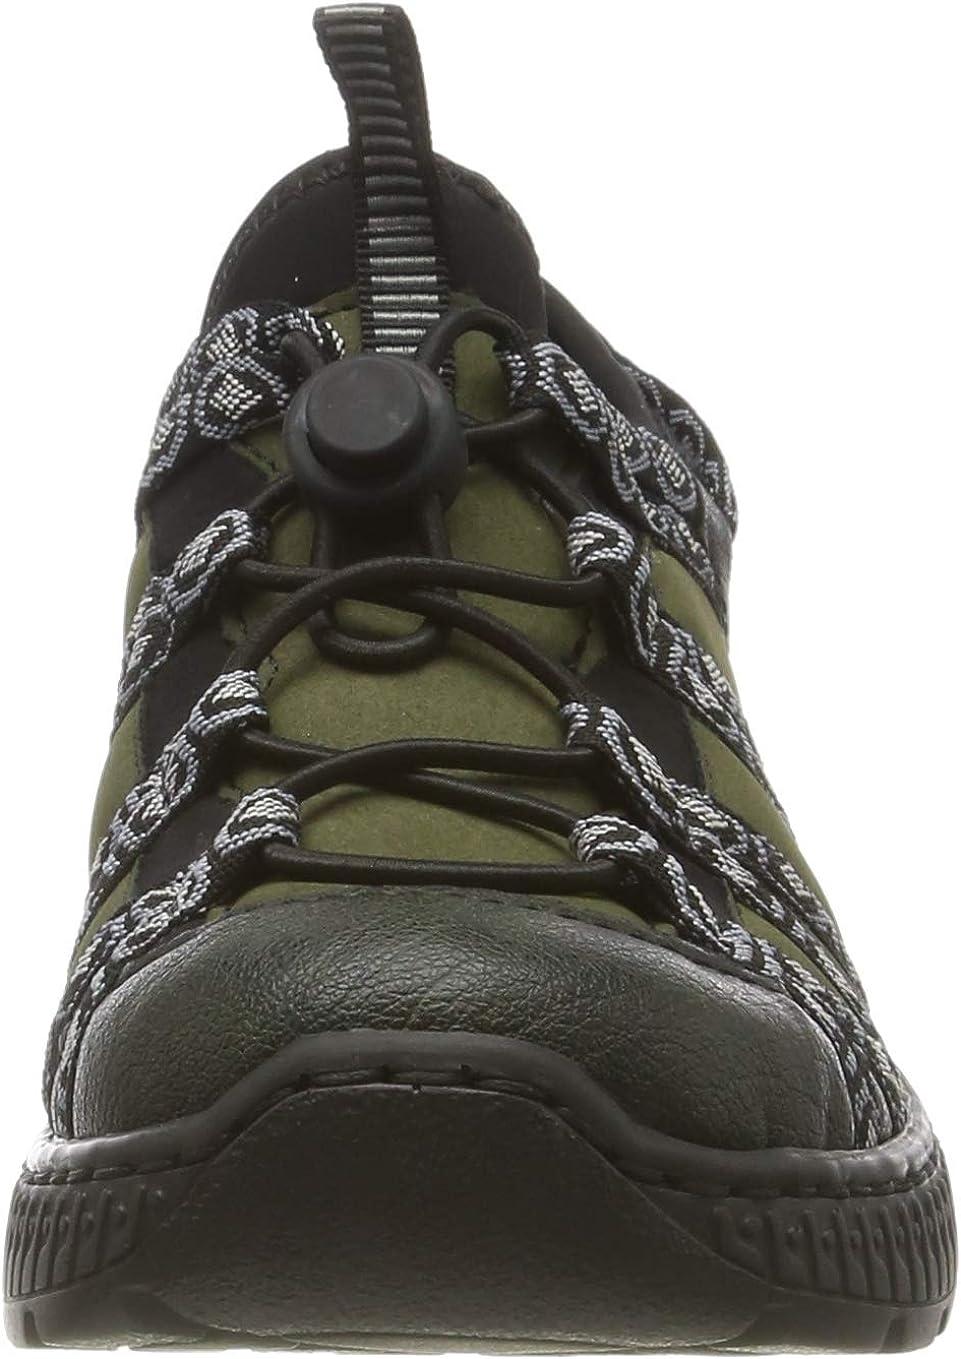 Rieker Women's Low-Top Sneakers Green (Tanne/Forest/Schwarz-grau/Schwarz 54)